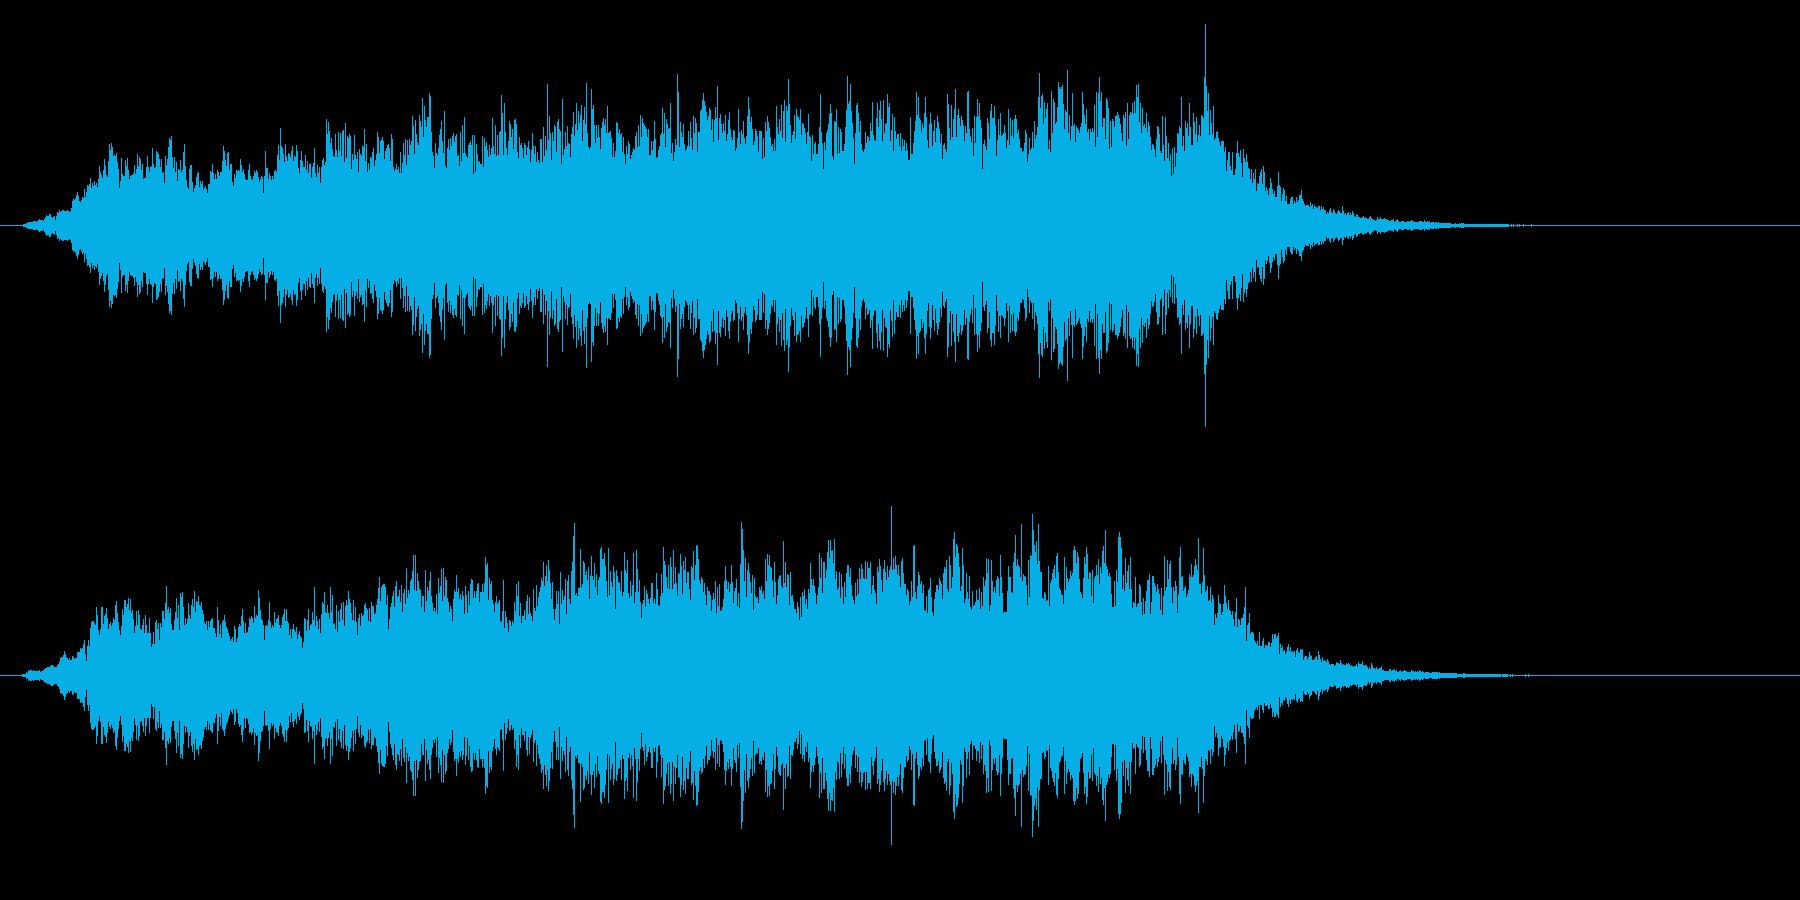 パソコンの起動音風ジングル2の再生済みの波形